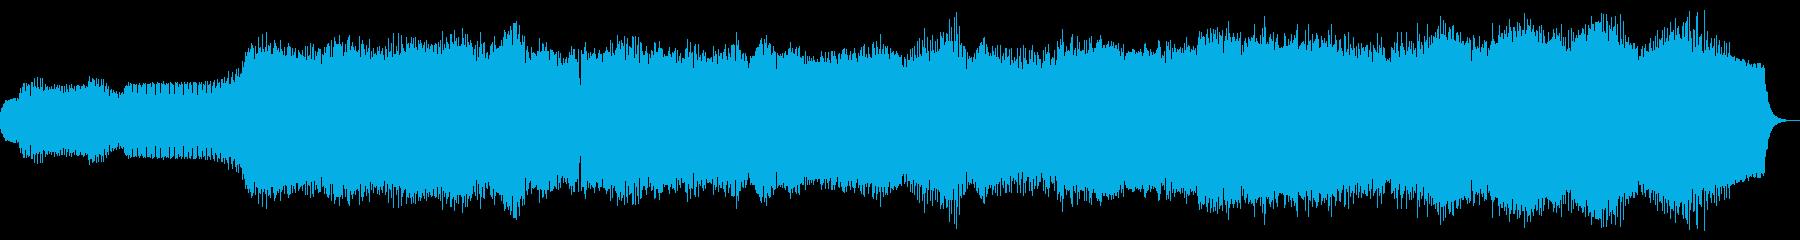 50s SF映画風電子アンビエントホラーの再生済みの波形